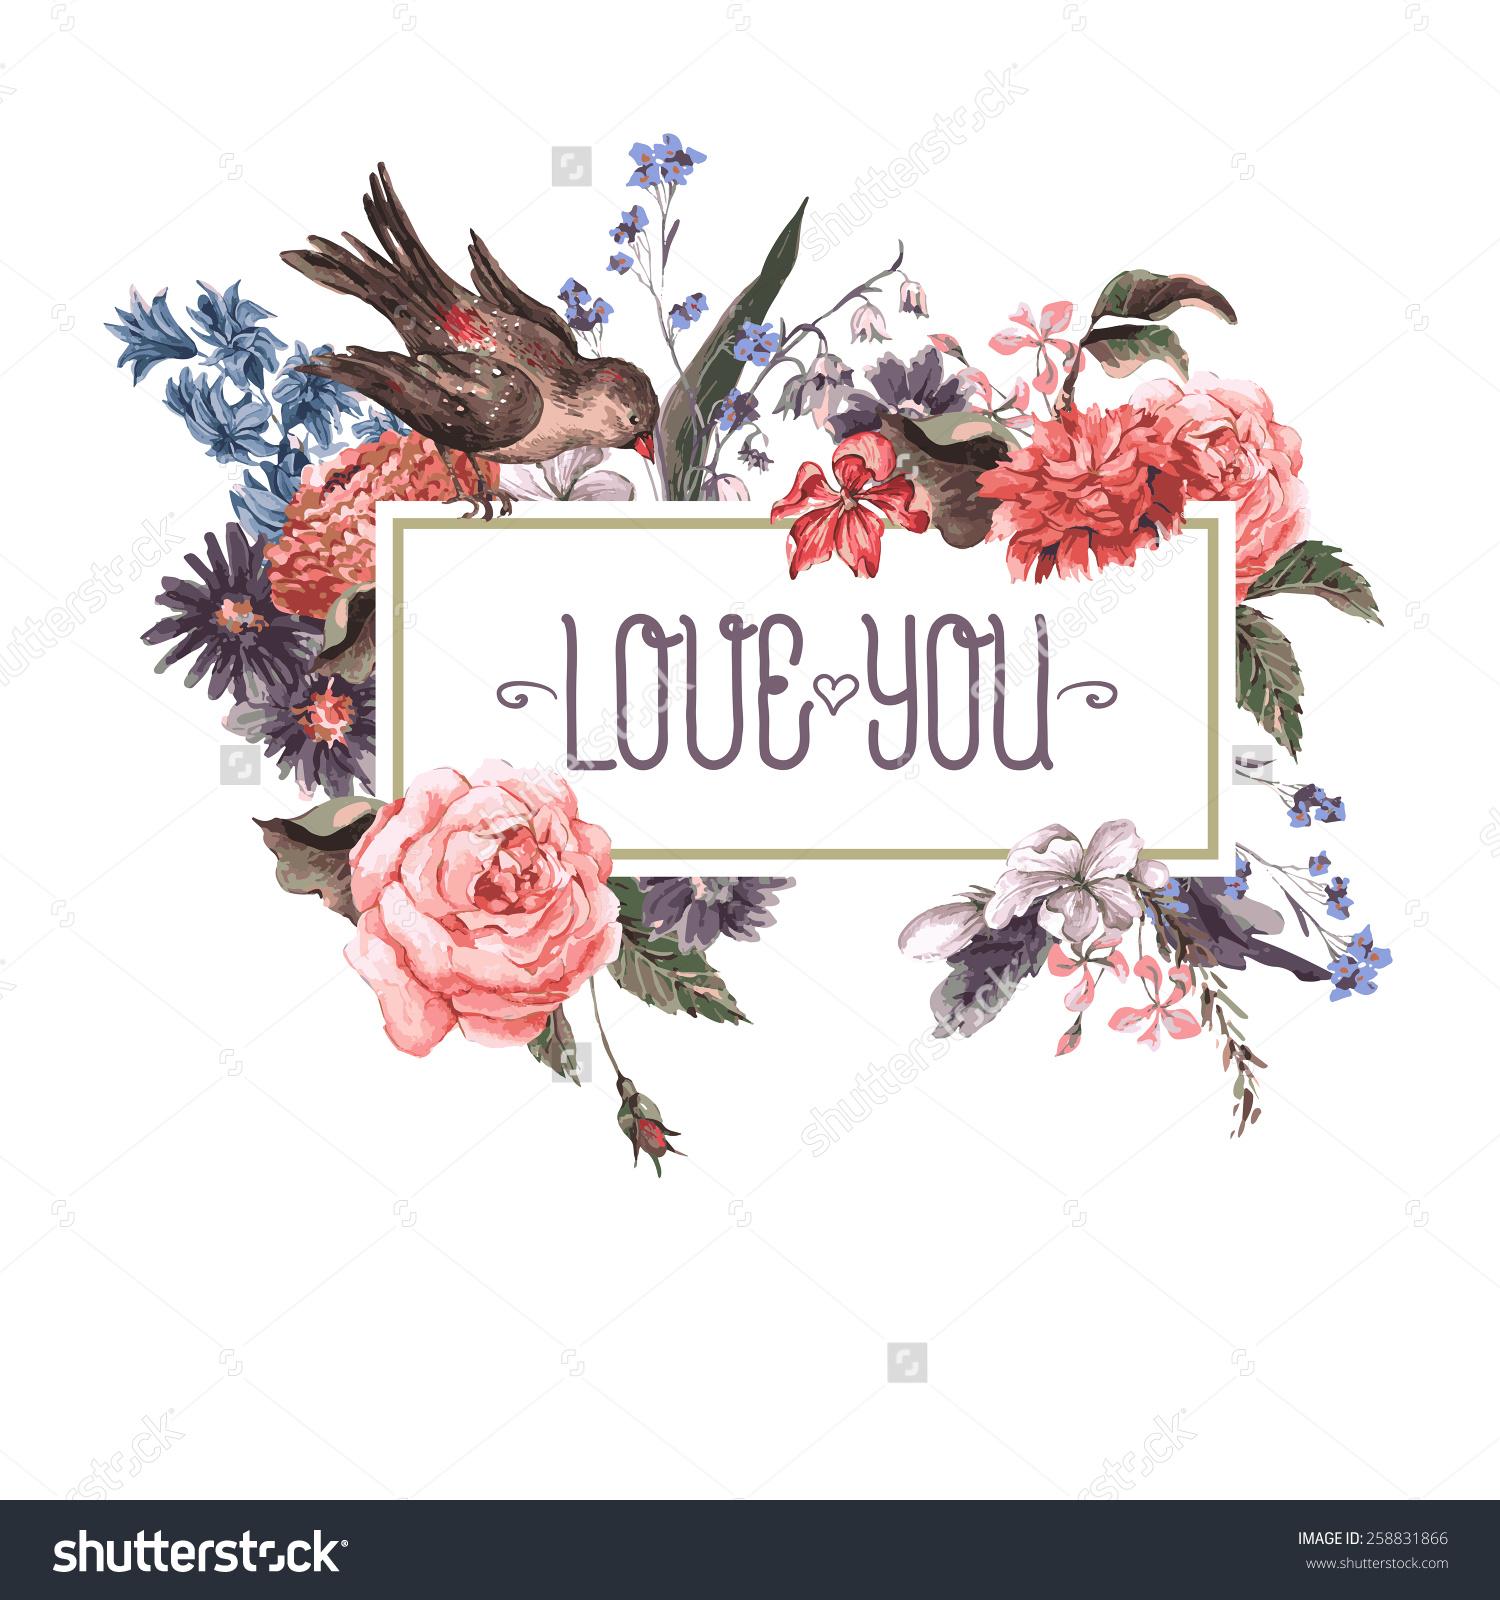 Vintage Watercolor Greeting Card Blooming Flowers Stock Vector.